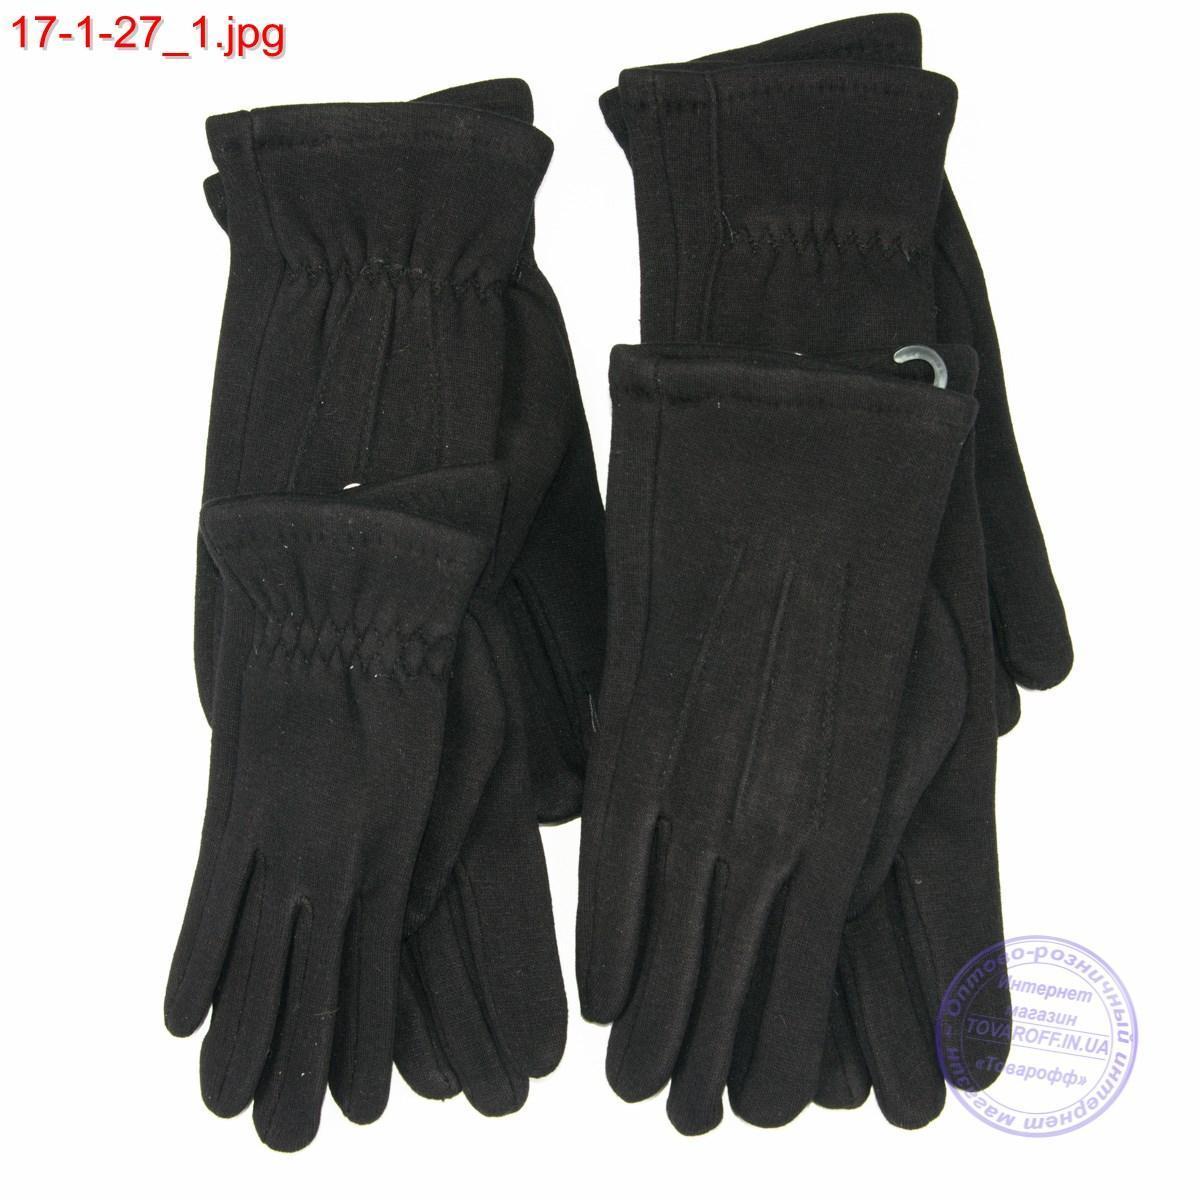 Подростковые перчатки для сенсорных телефонов - №17-1-27